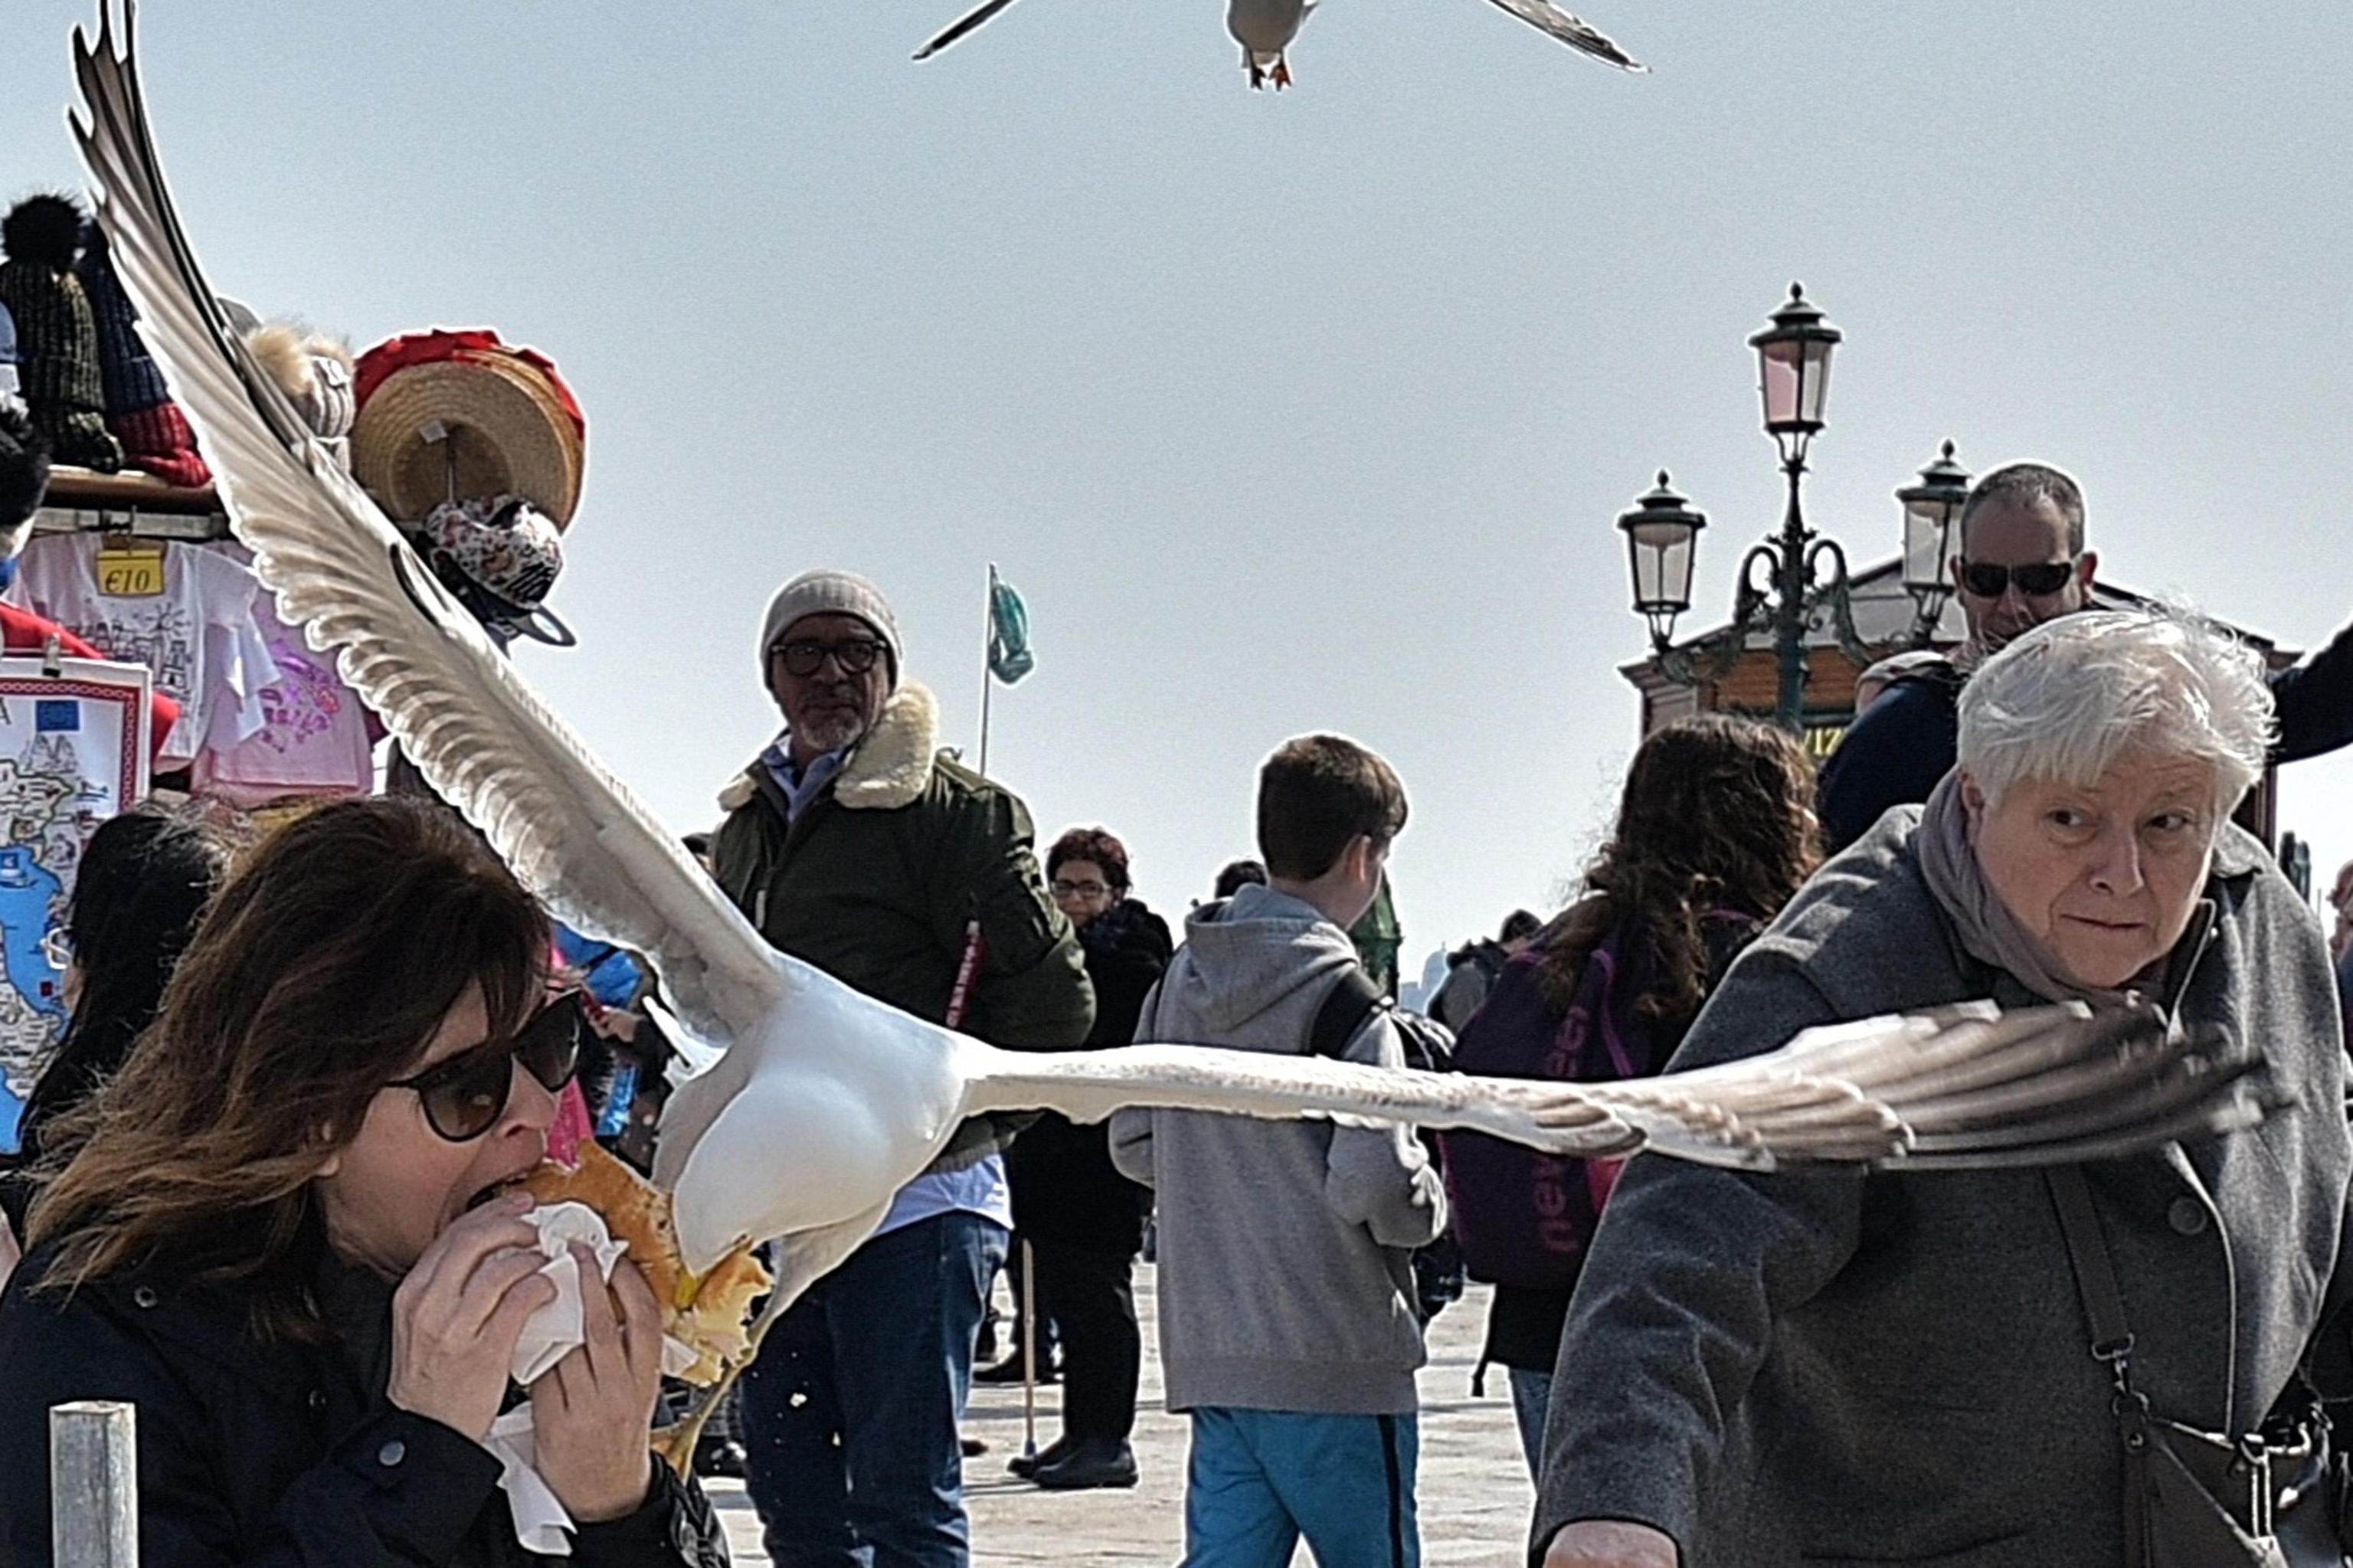 Furto a Venezia, gabbiano reale ruba al volo un panino a una turista